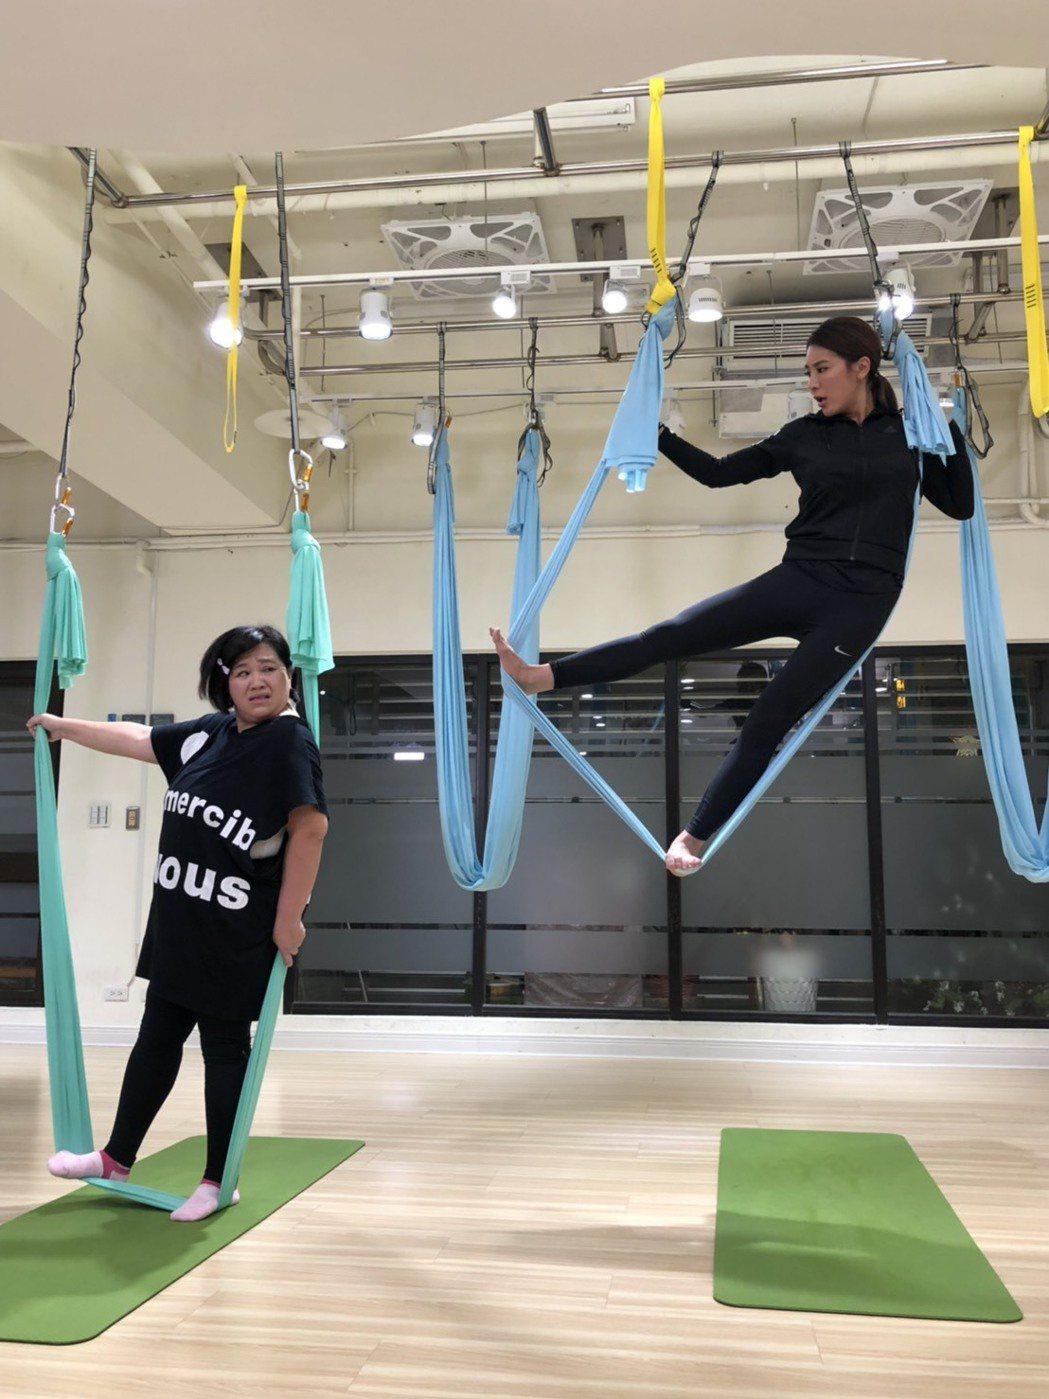 鍾欣凌(左)和小禎挑戰空中瑜珈。圖/民視提供